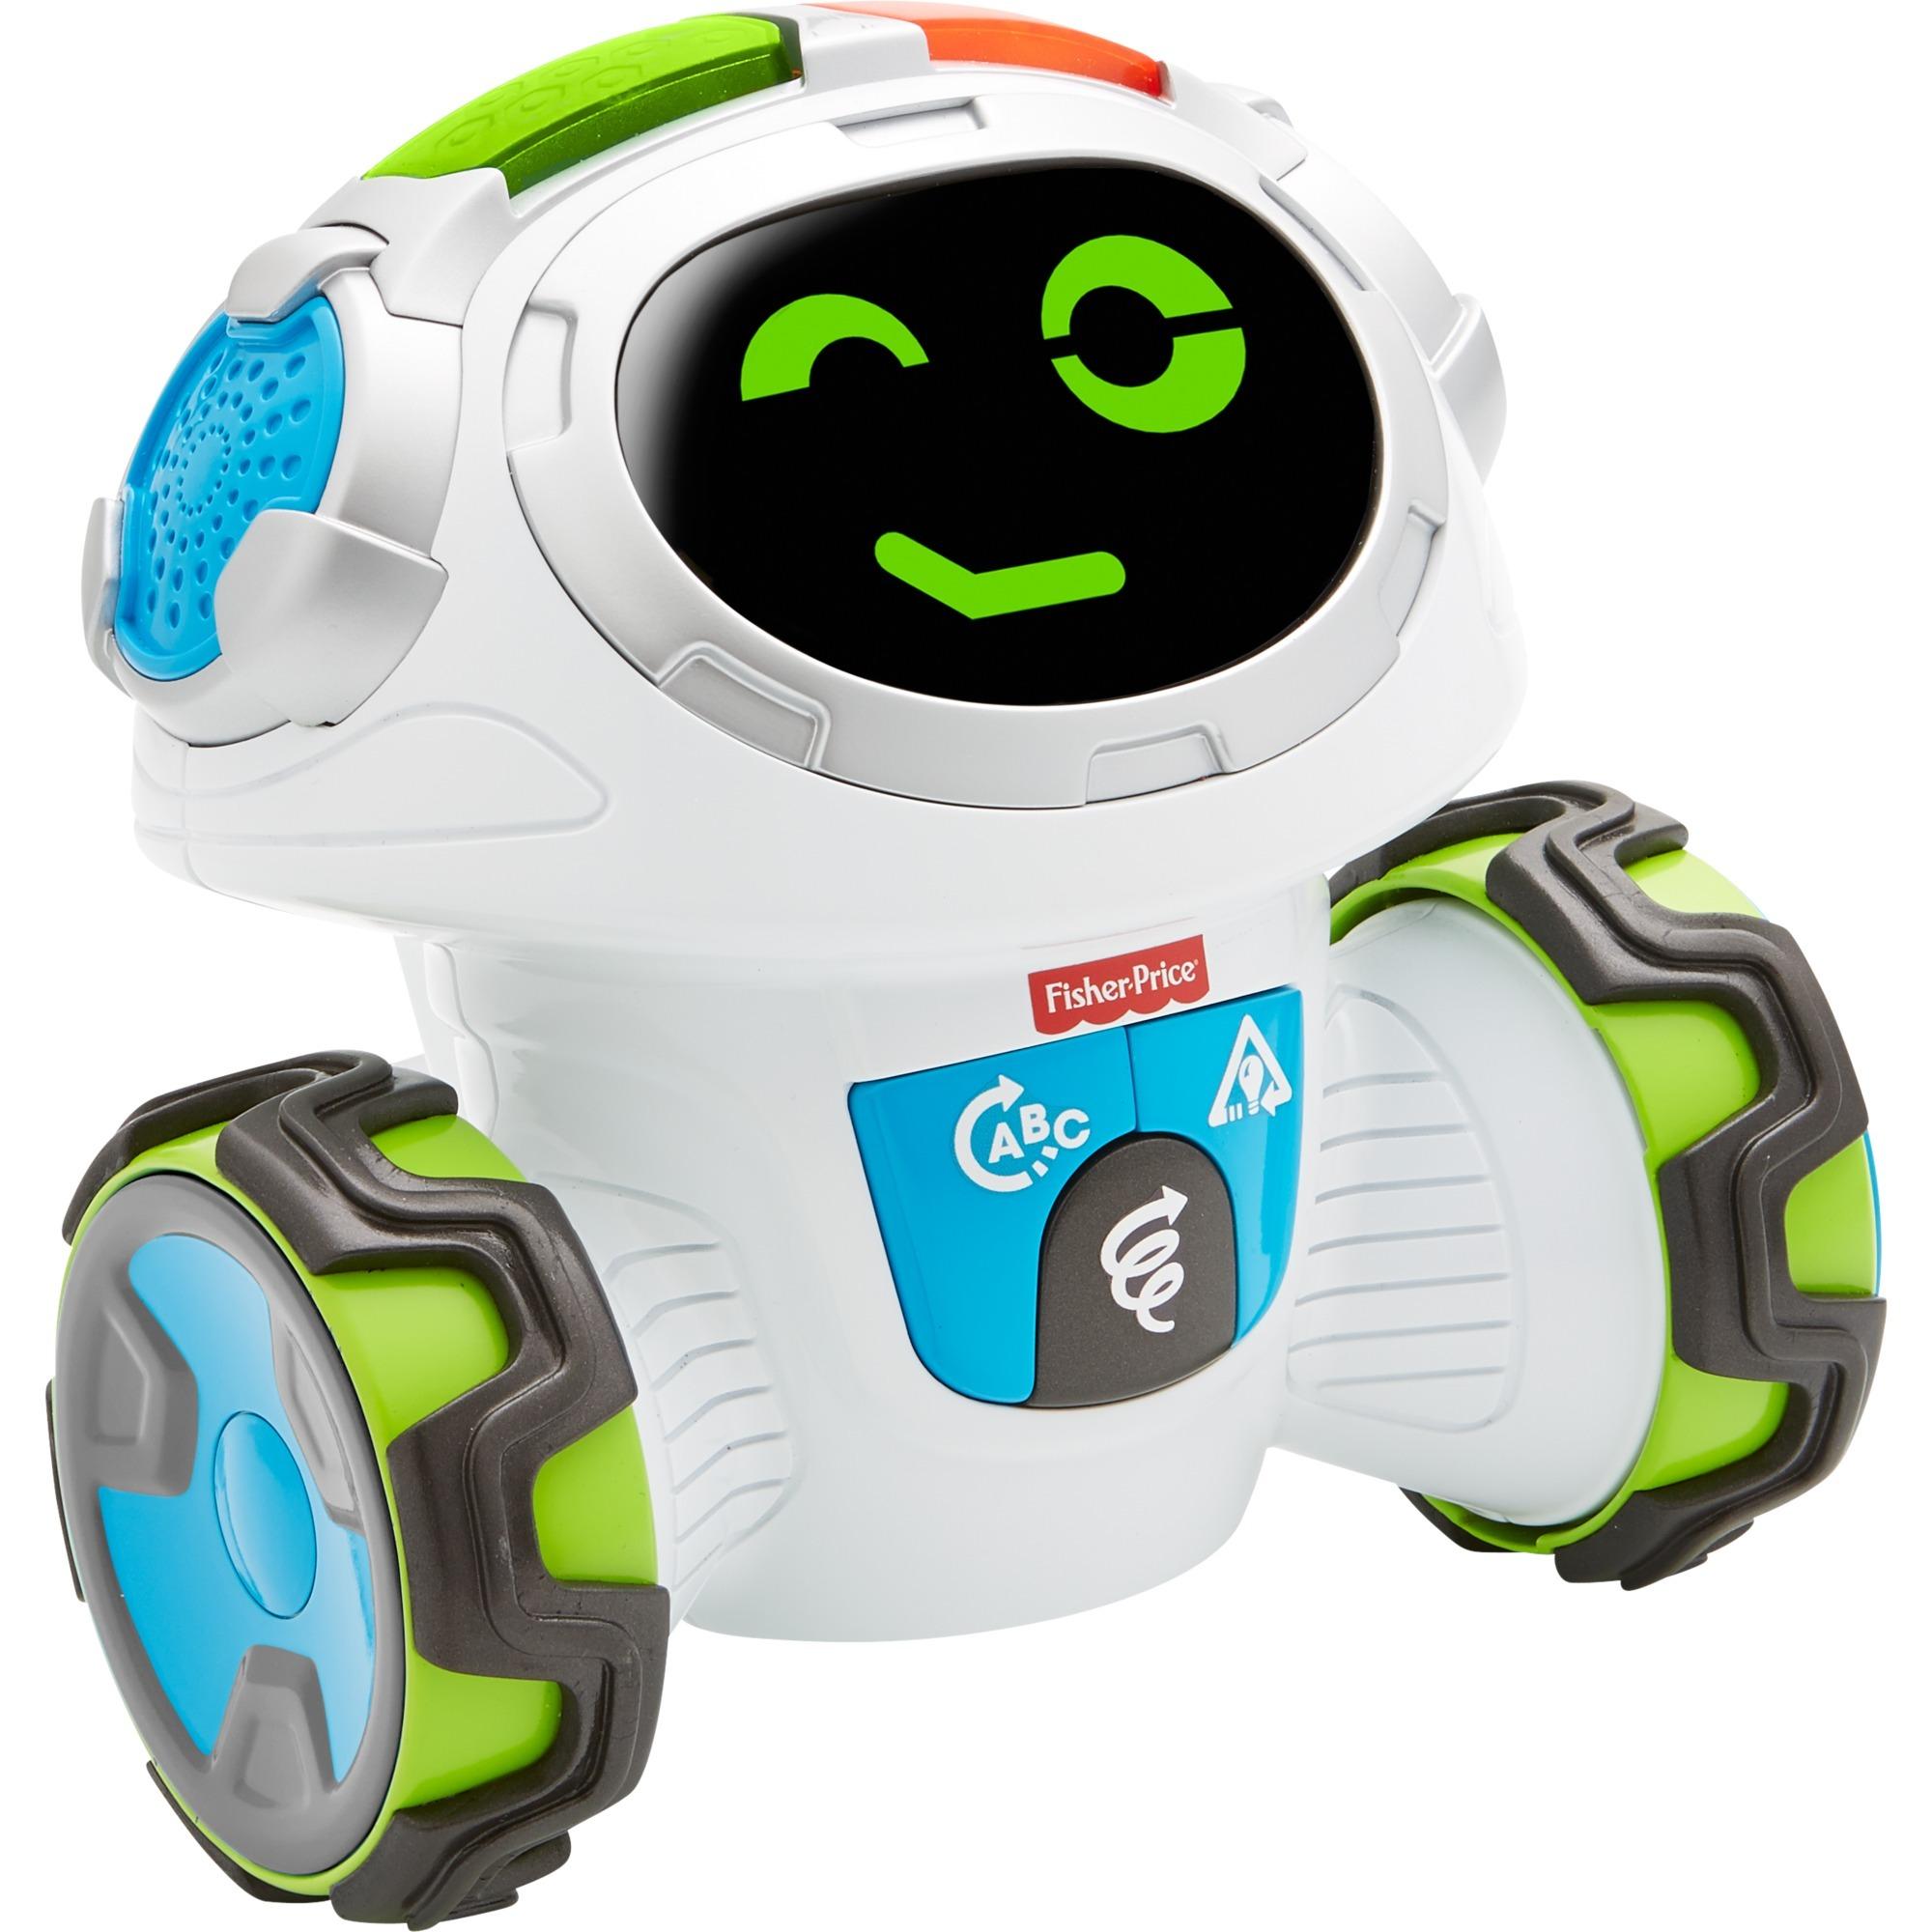 FKC35 robot de divertissement, Ordinateur d'apprentissage